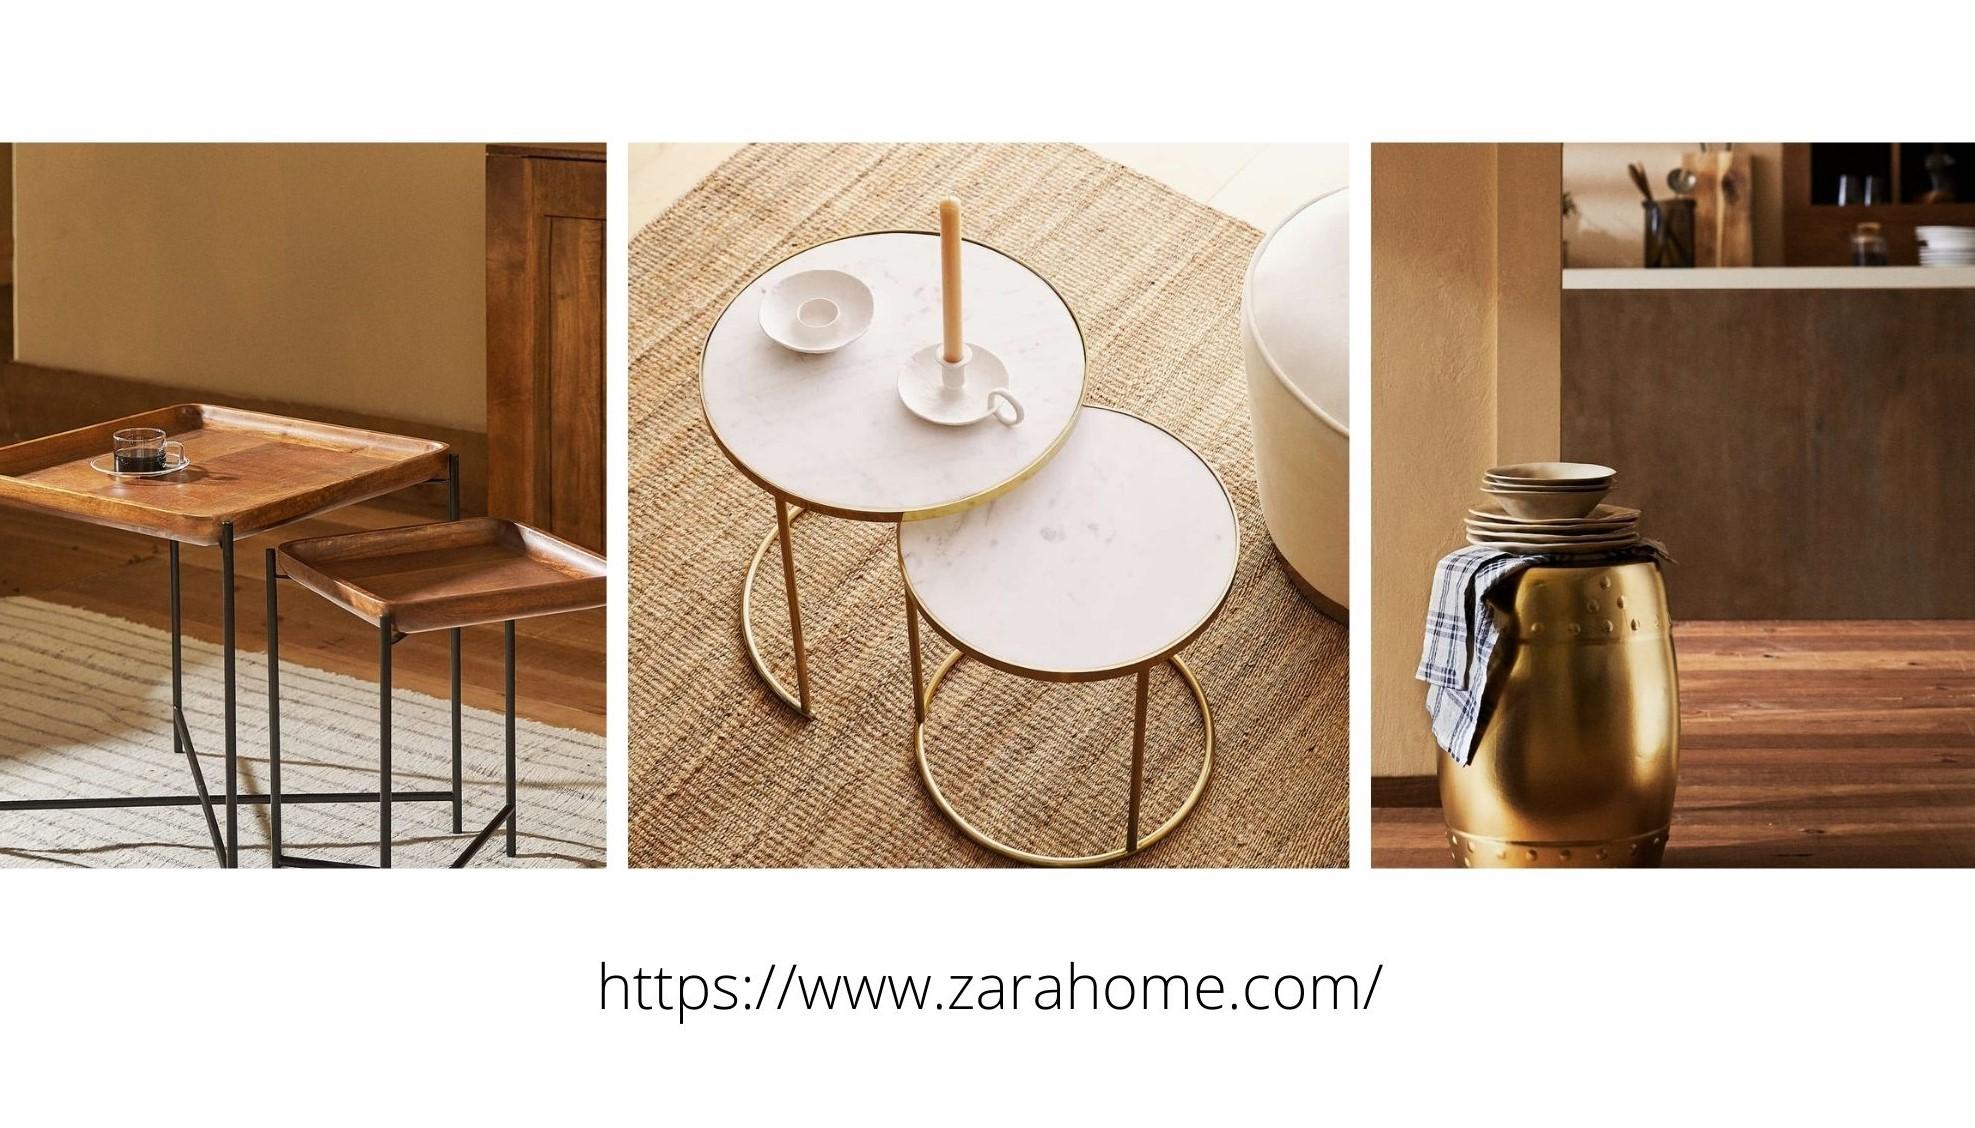 három lerakodó asztalka barna, fehér színekben